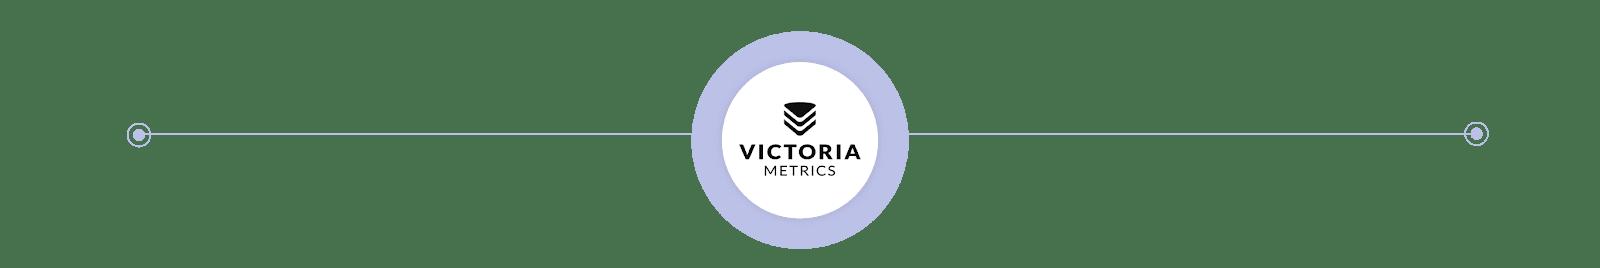 VictoriaMetrics